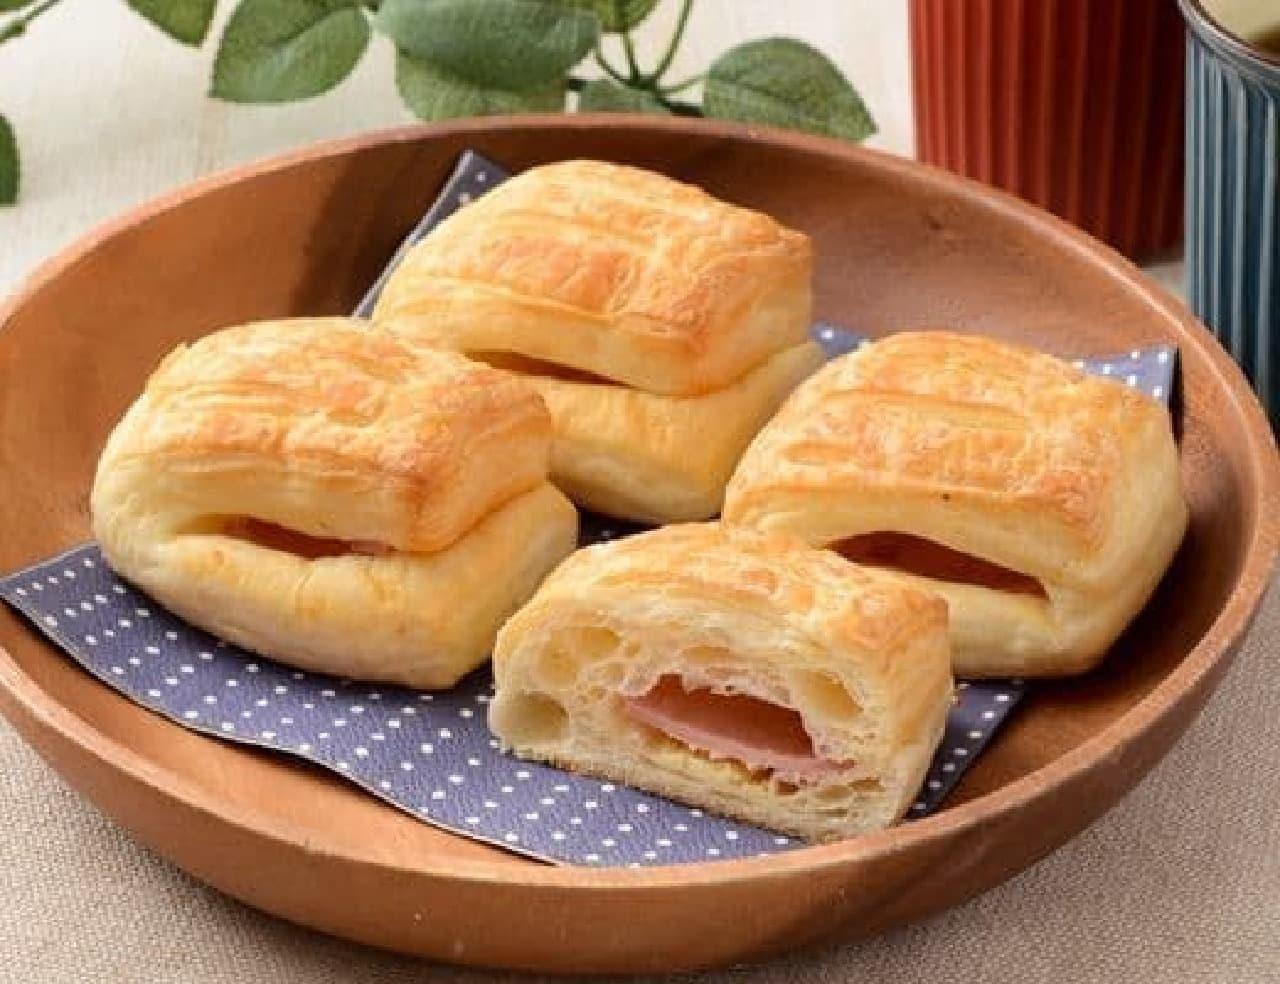 ローソン「塩パンハムチーズ 4個入」